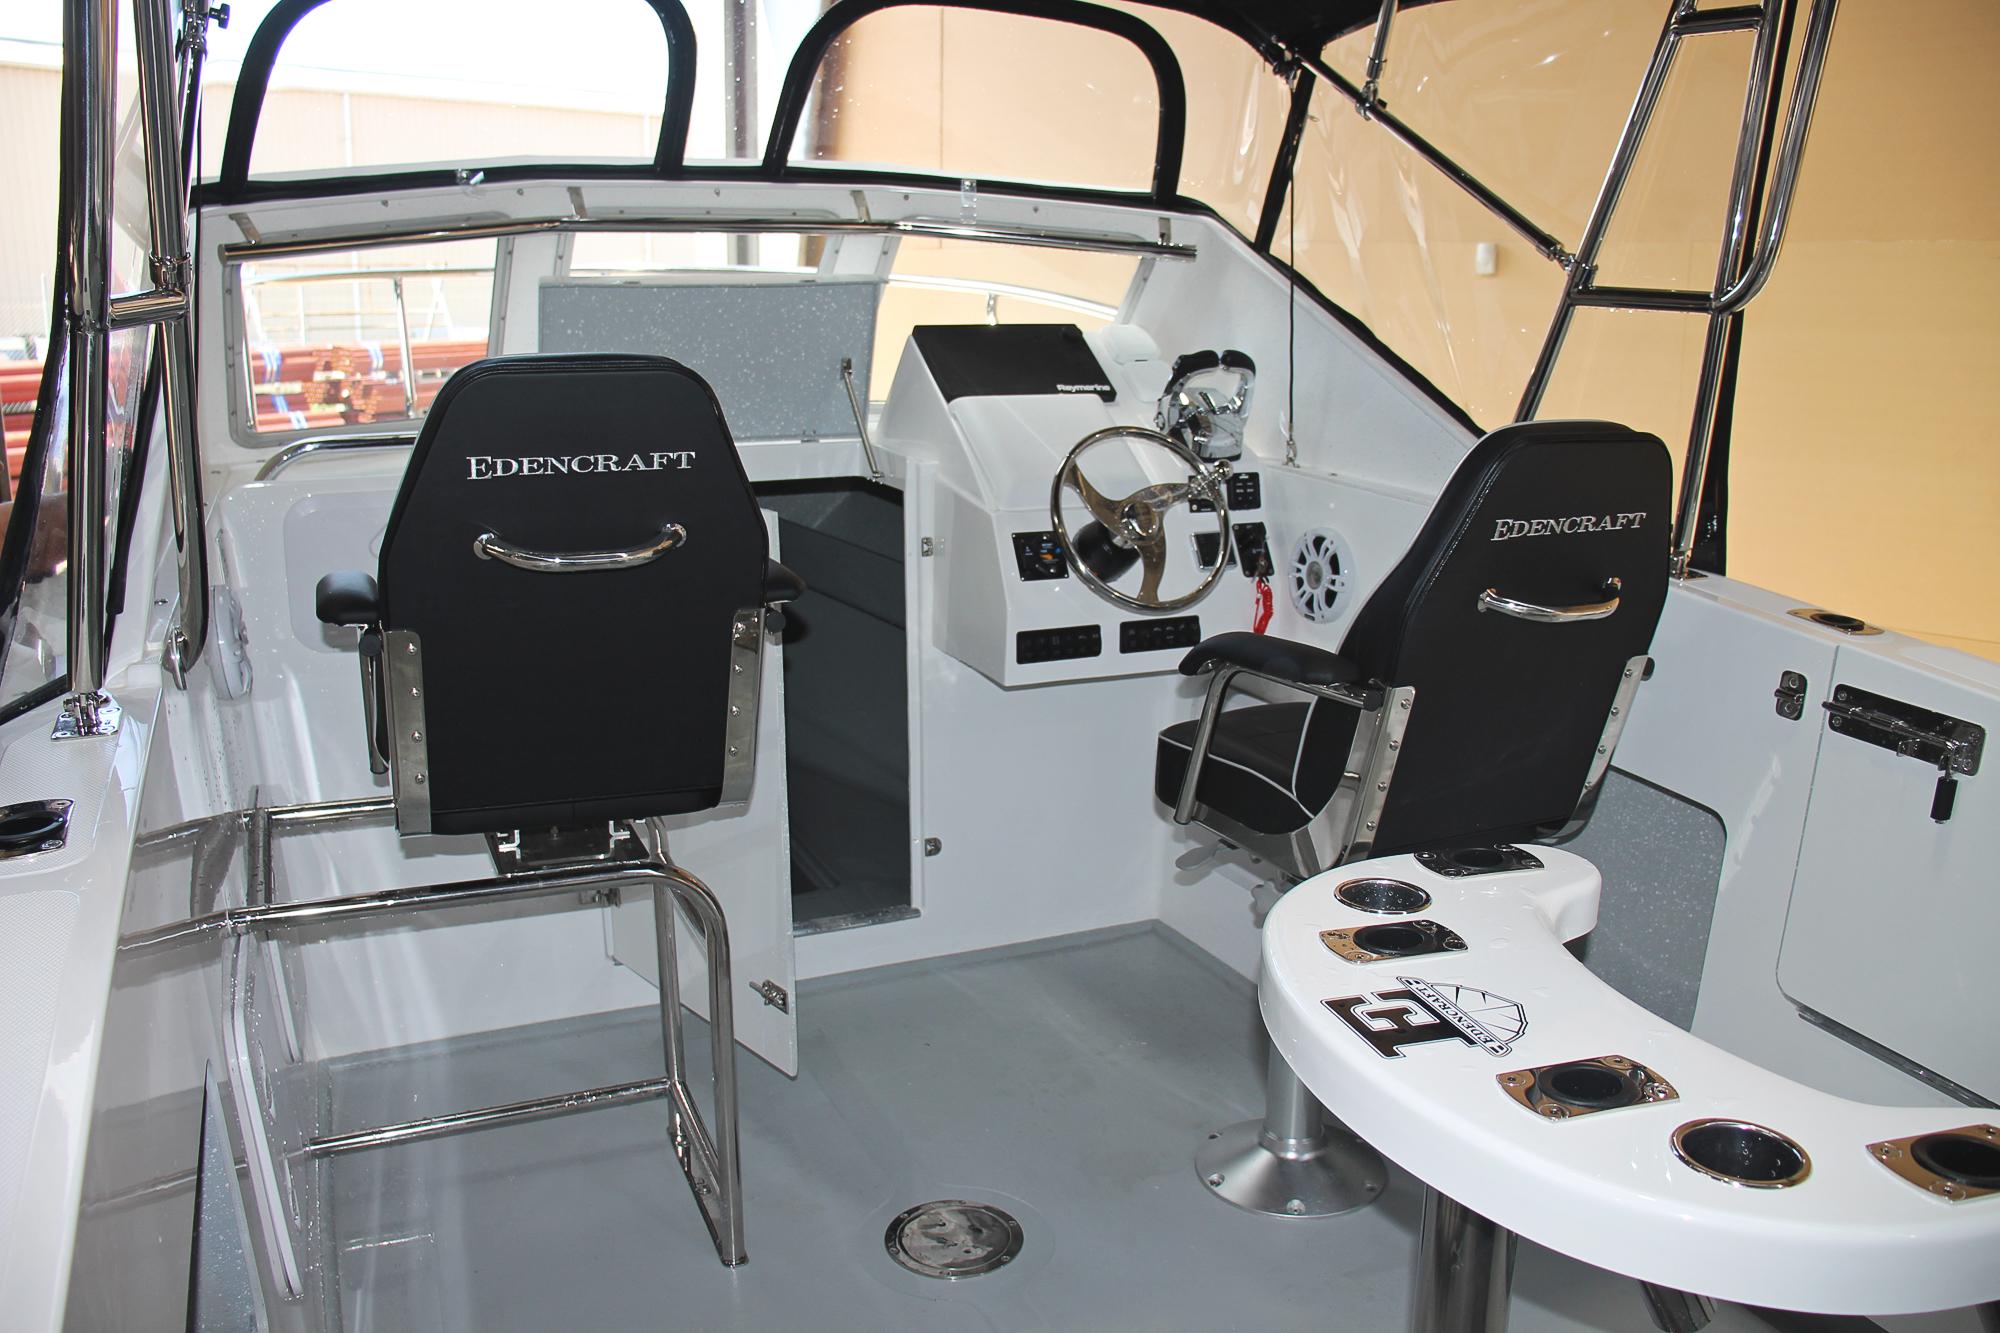 Edencraft 233 Formula deck & dash layout